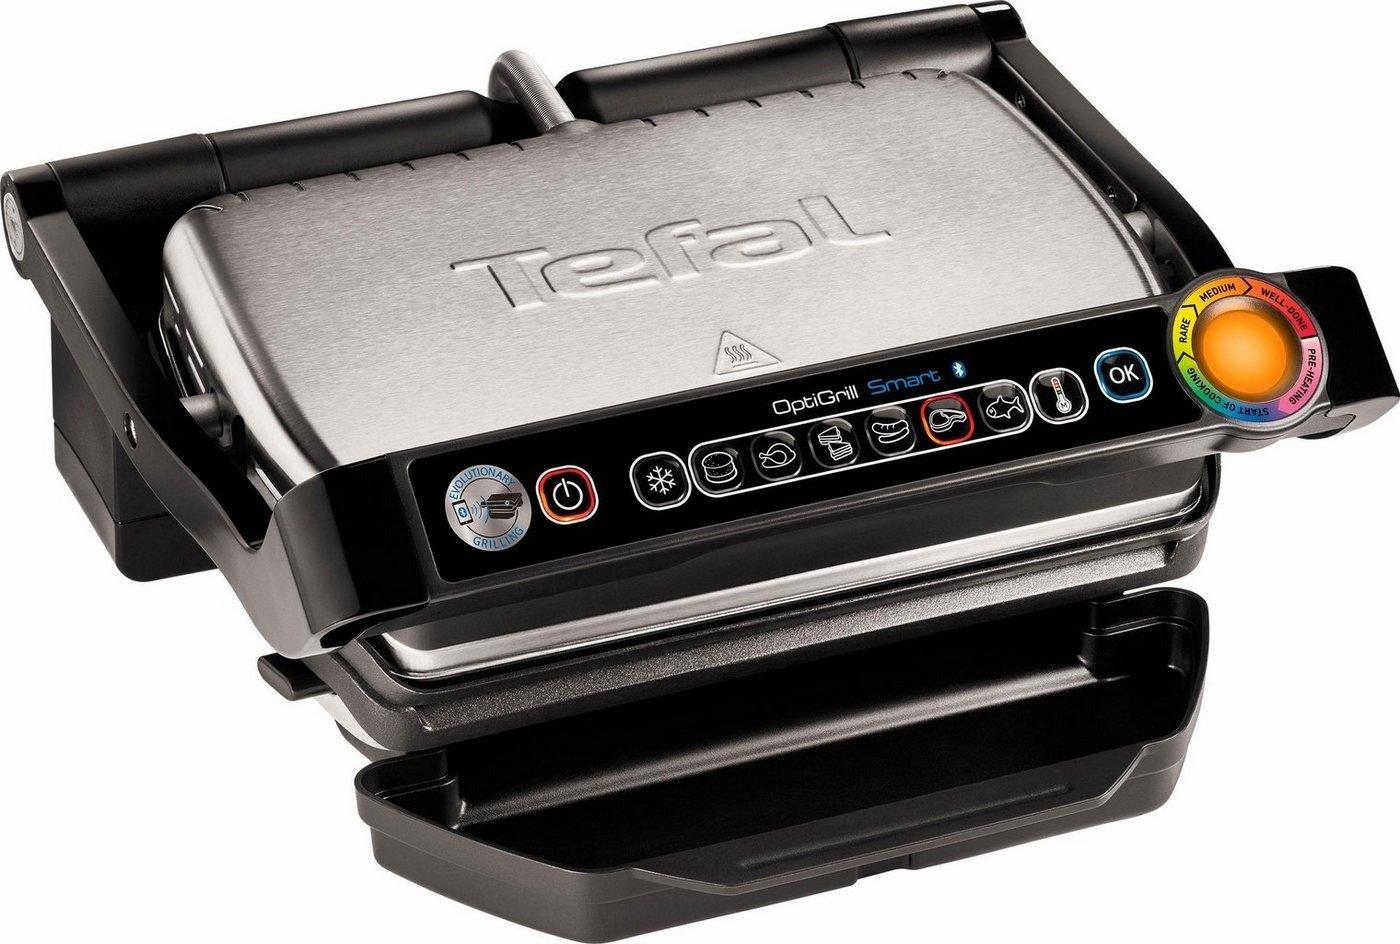 TEFAL Bluetooth-Elektrogrill Optigrill GC730D für 149,99€ [brands4friends]